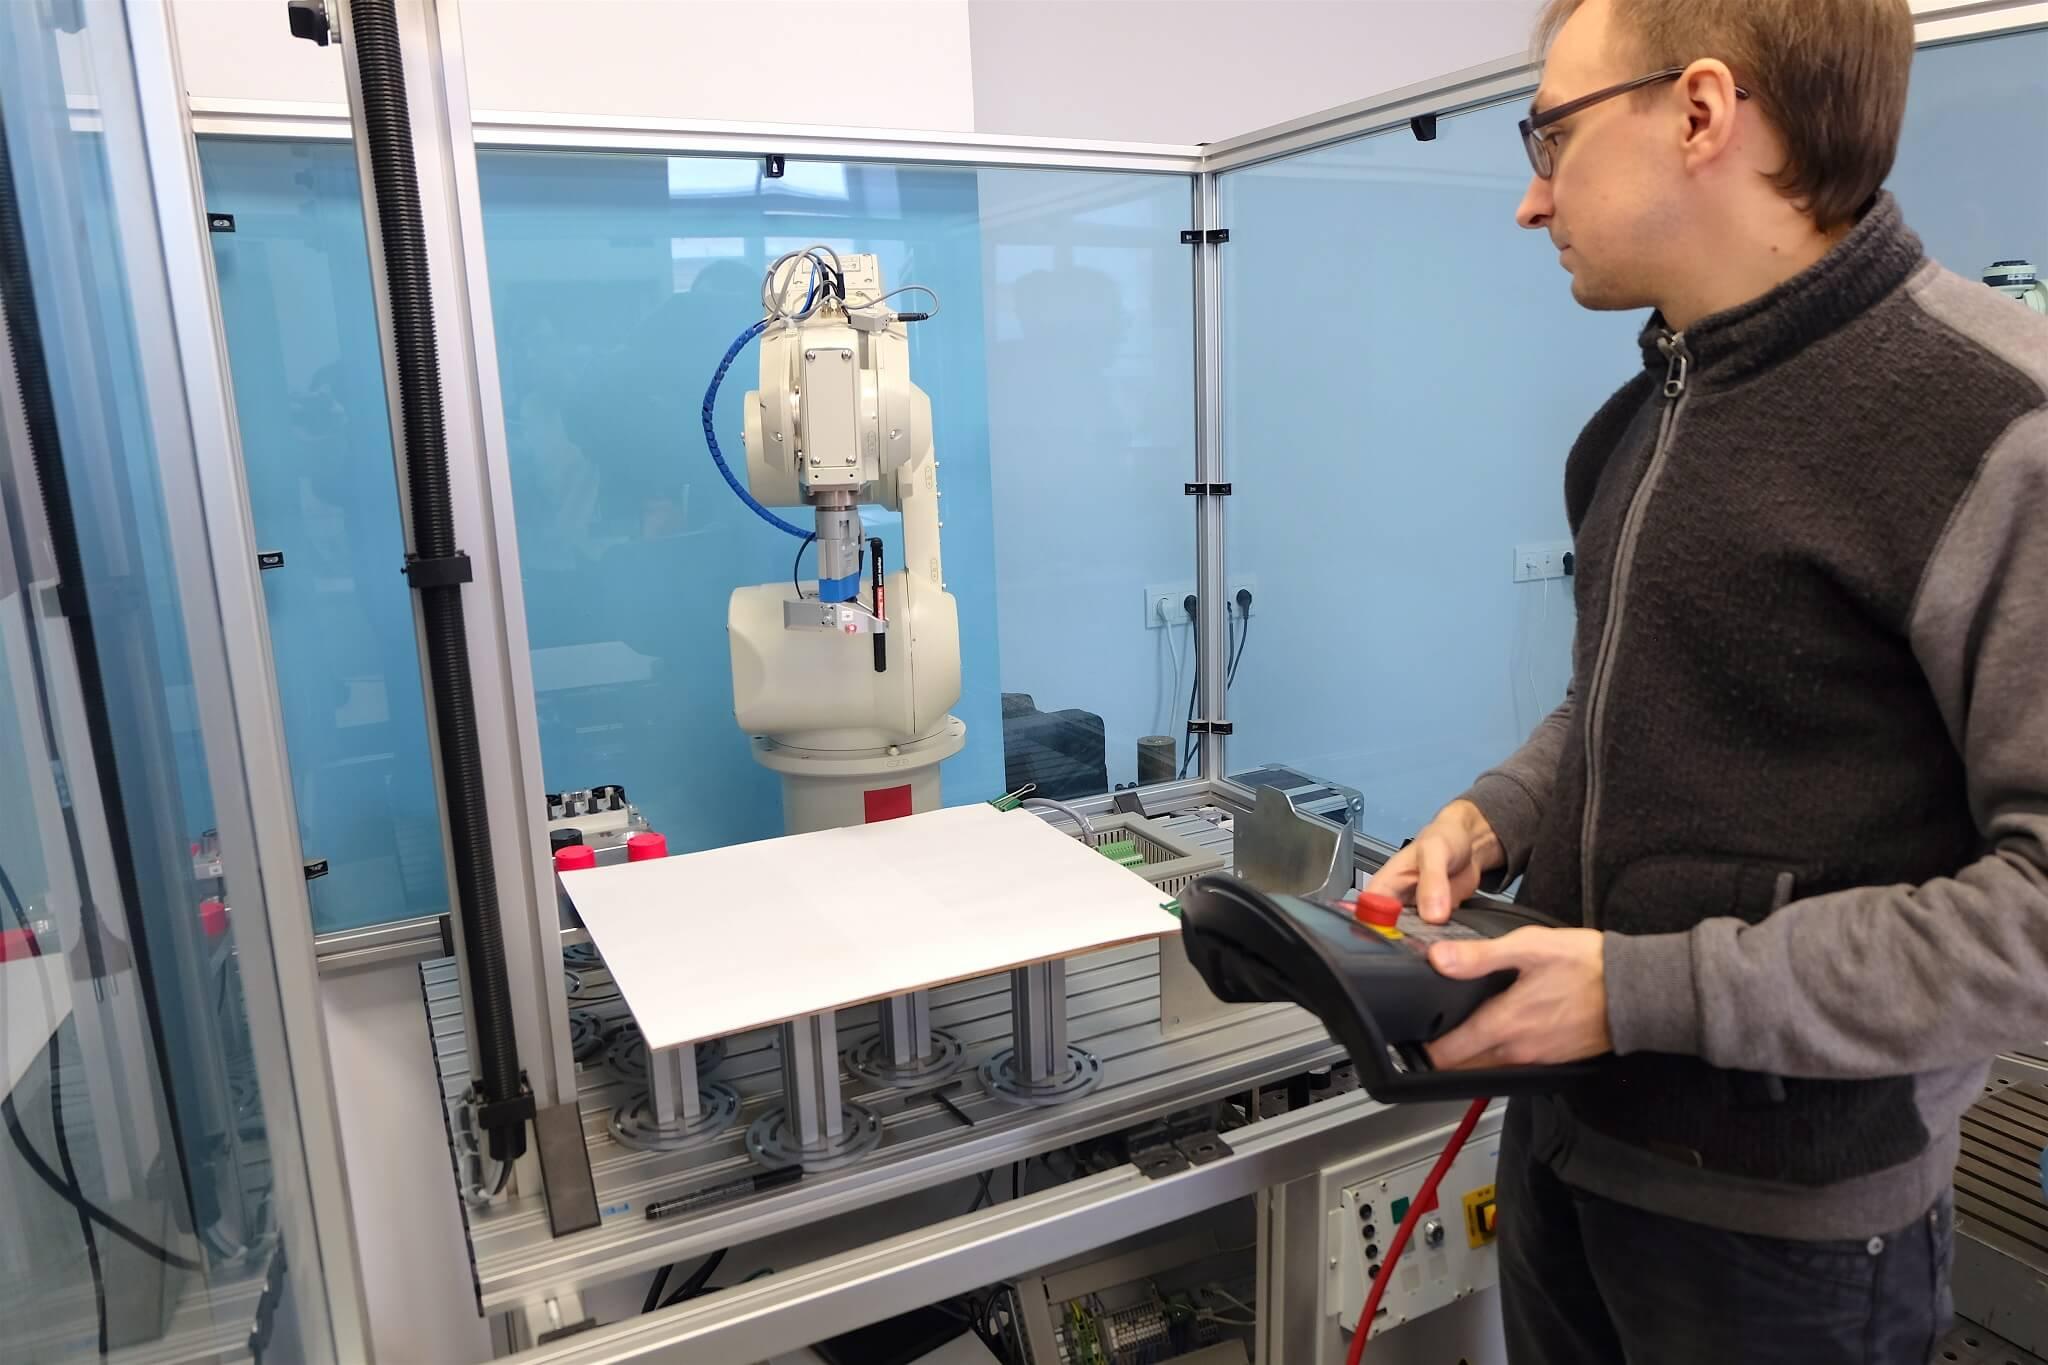 Механизированные руки и манипуляторы — рассказываем, чем занимается лаборатория робототехники Университета ИТМО - 8